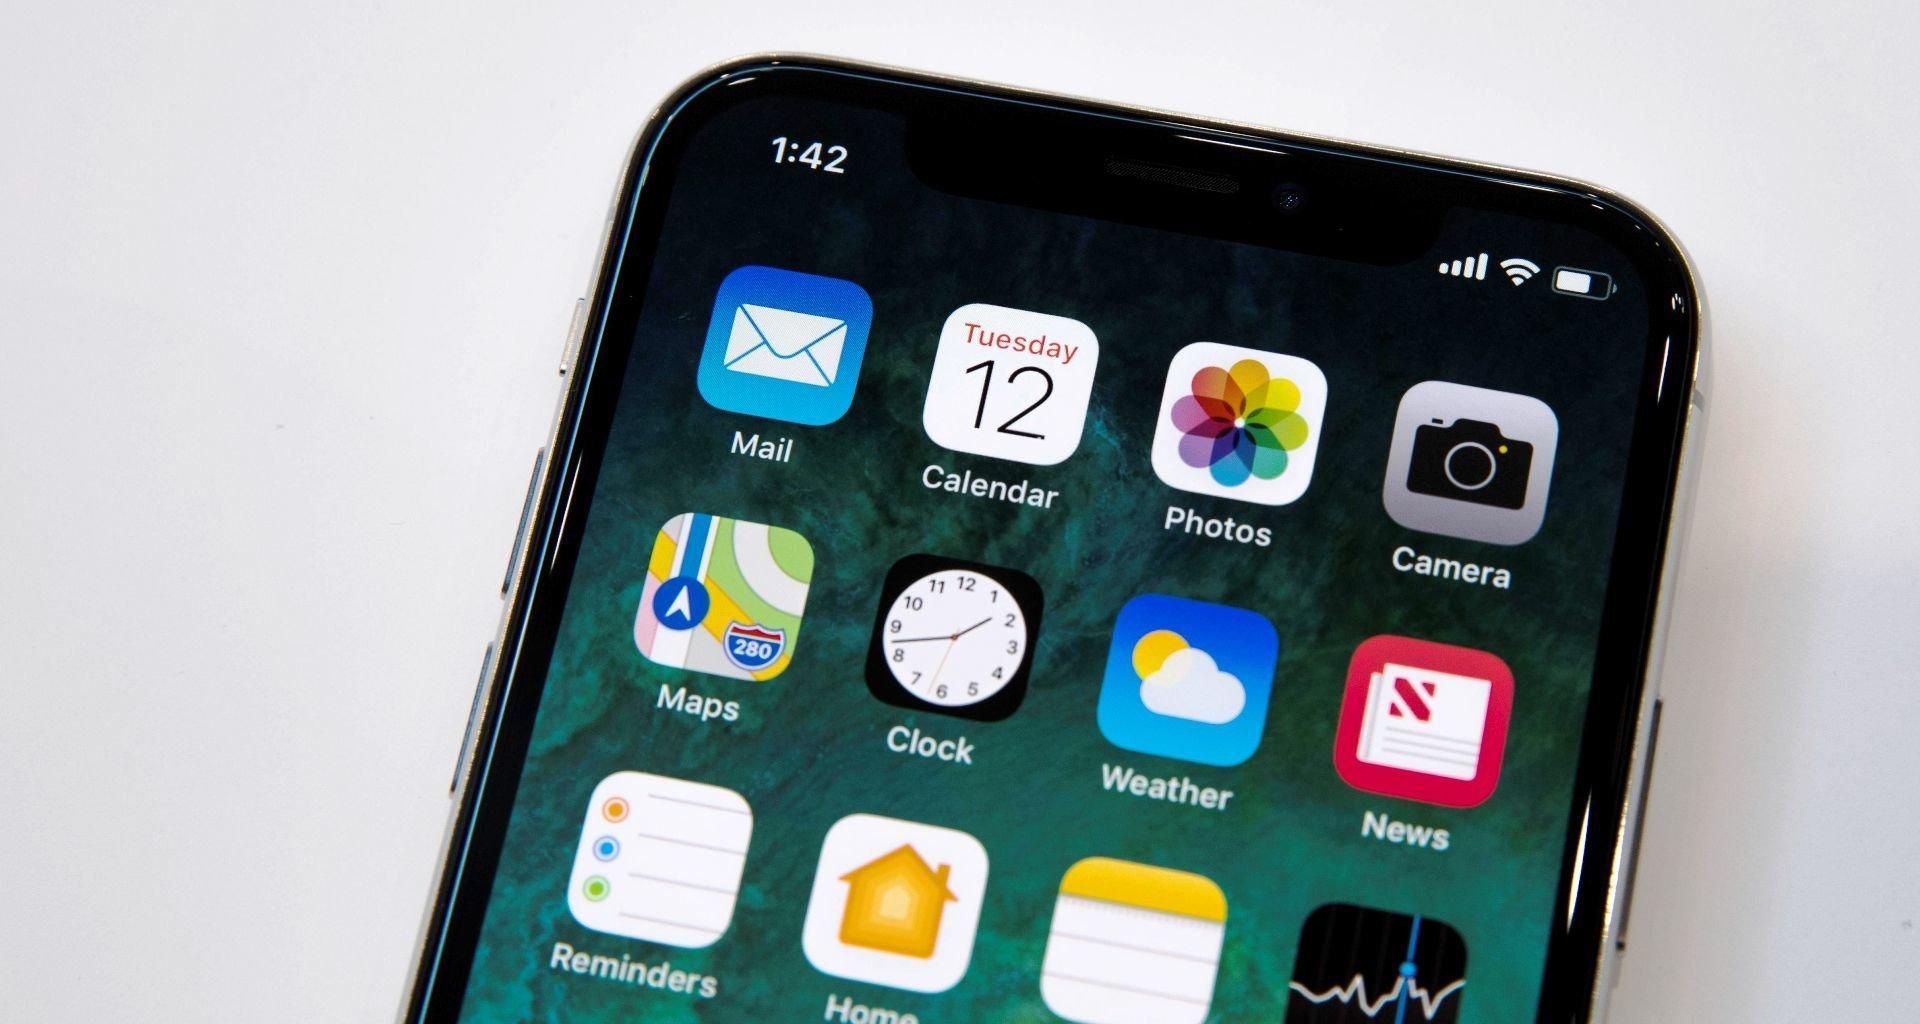 Почему OLED-экраны iPhone X выгорают и как с этим бороться - фото 1 | Сервисный центр Total Apple